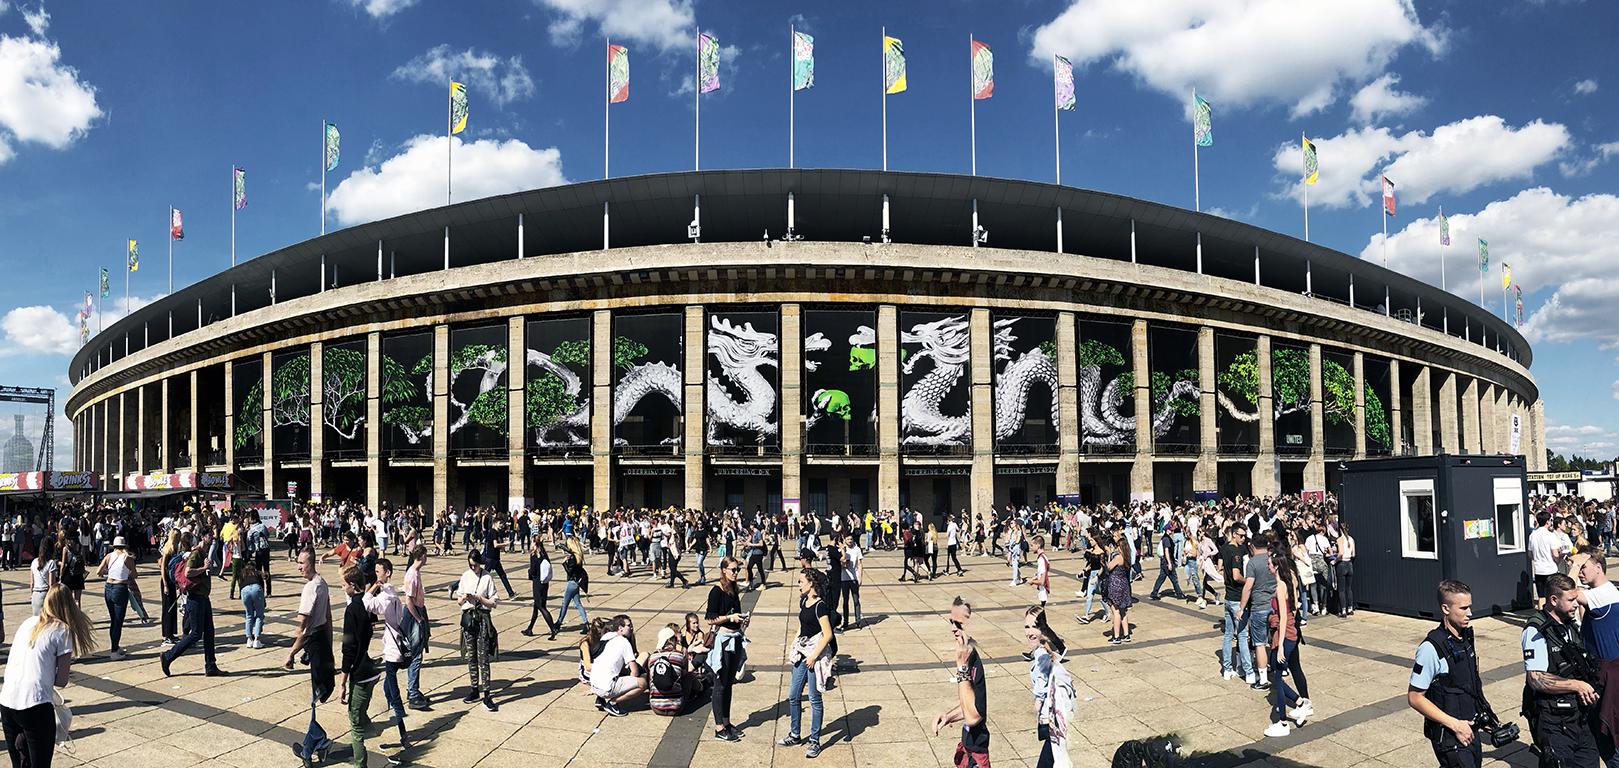 Olympic Stadium - Berlin 2018